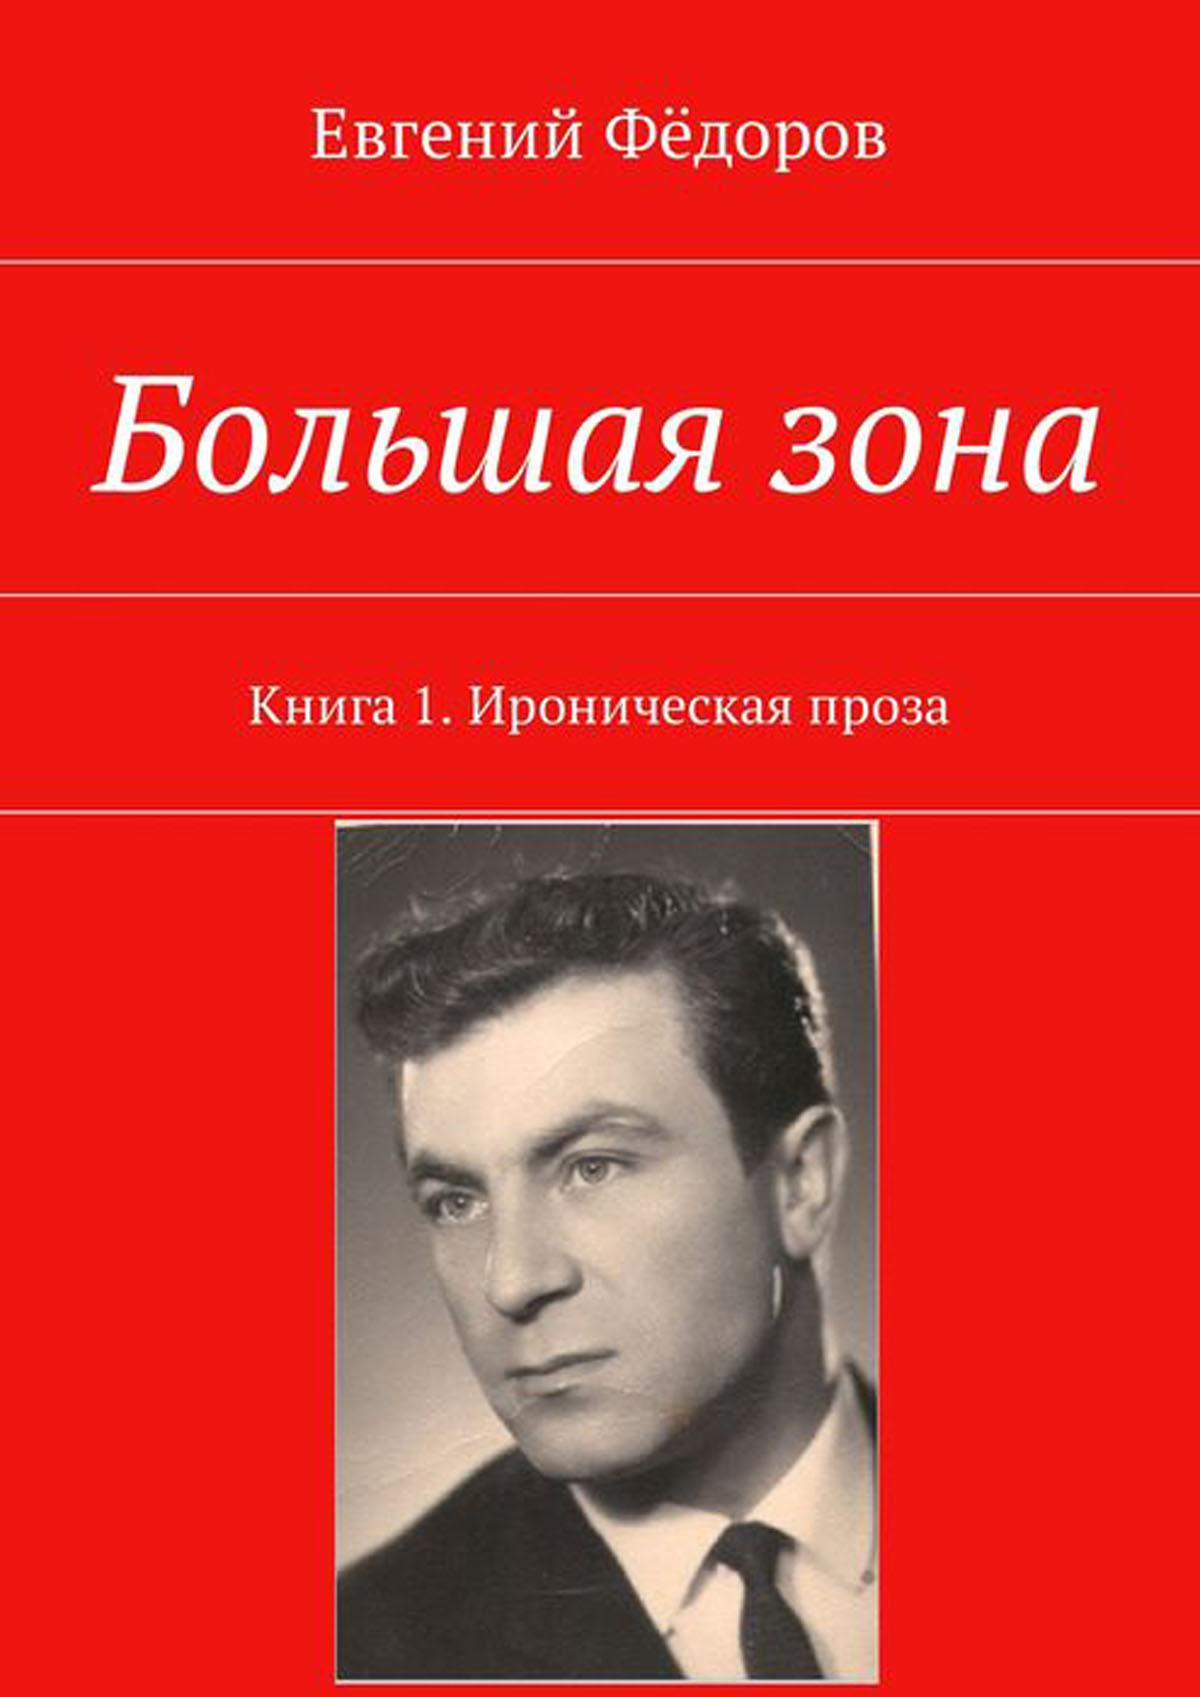 Фёдоров Евгений Большая зона. Книга 1. Ироническая проза